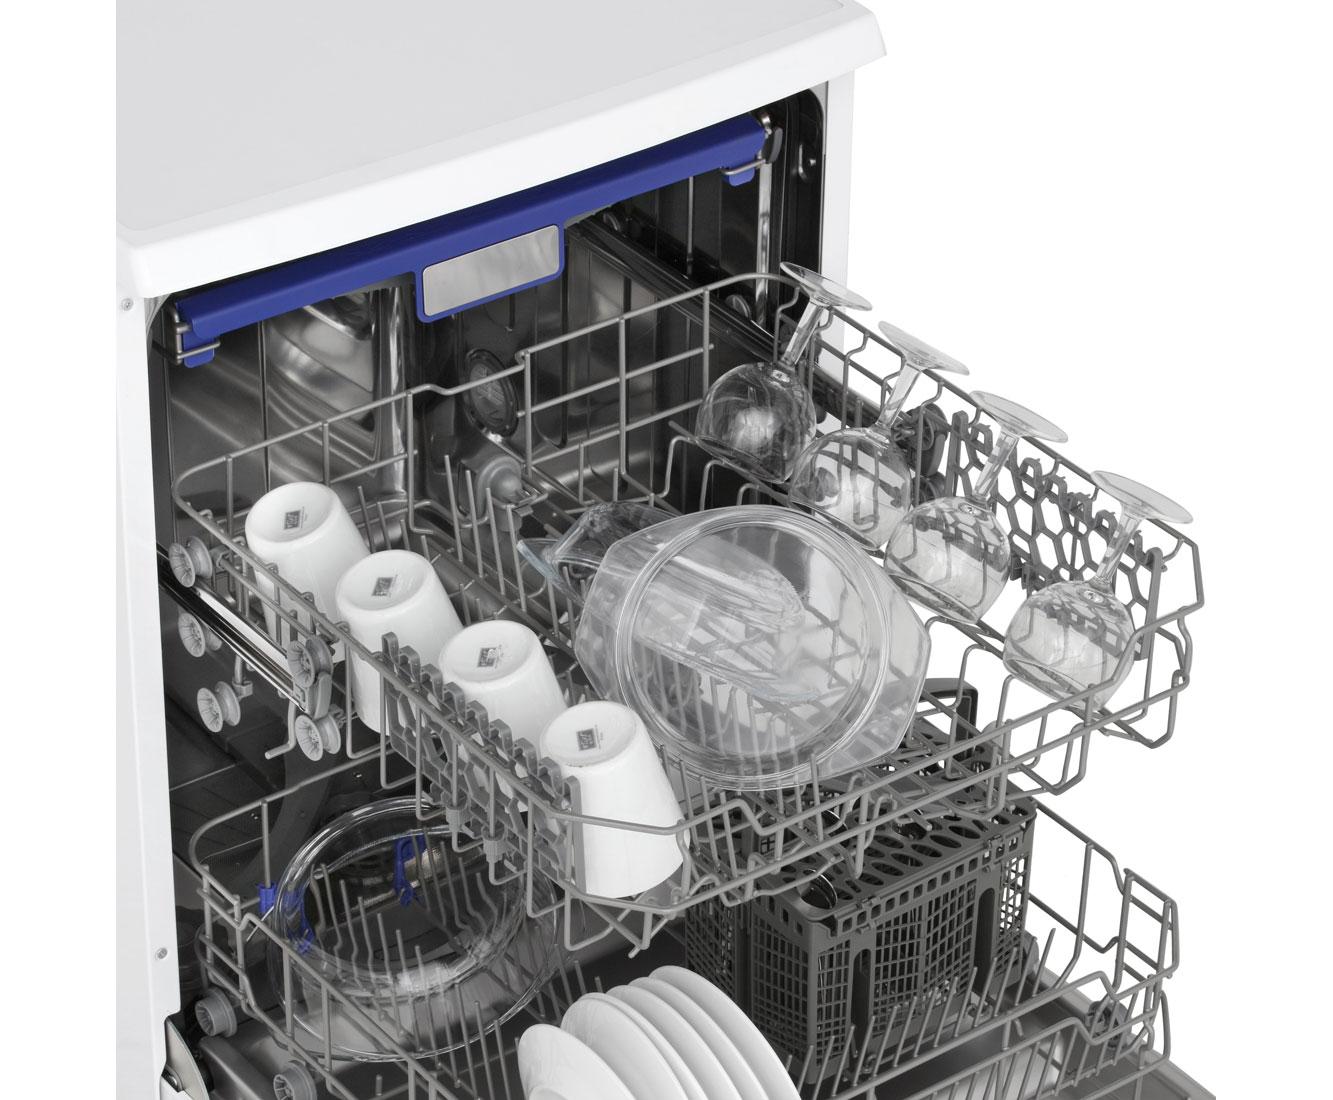 Oranier Spulmaschine Genial Oranier Geschirrspuler 1 Laden Sie